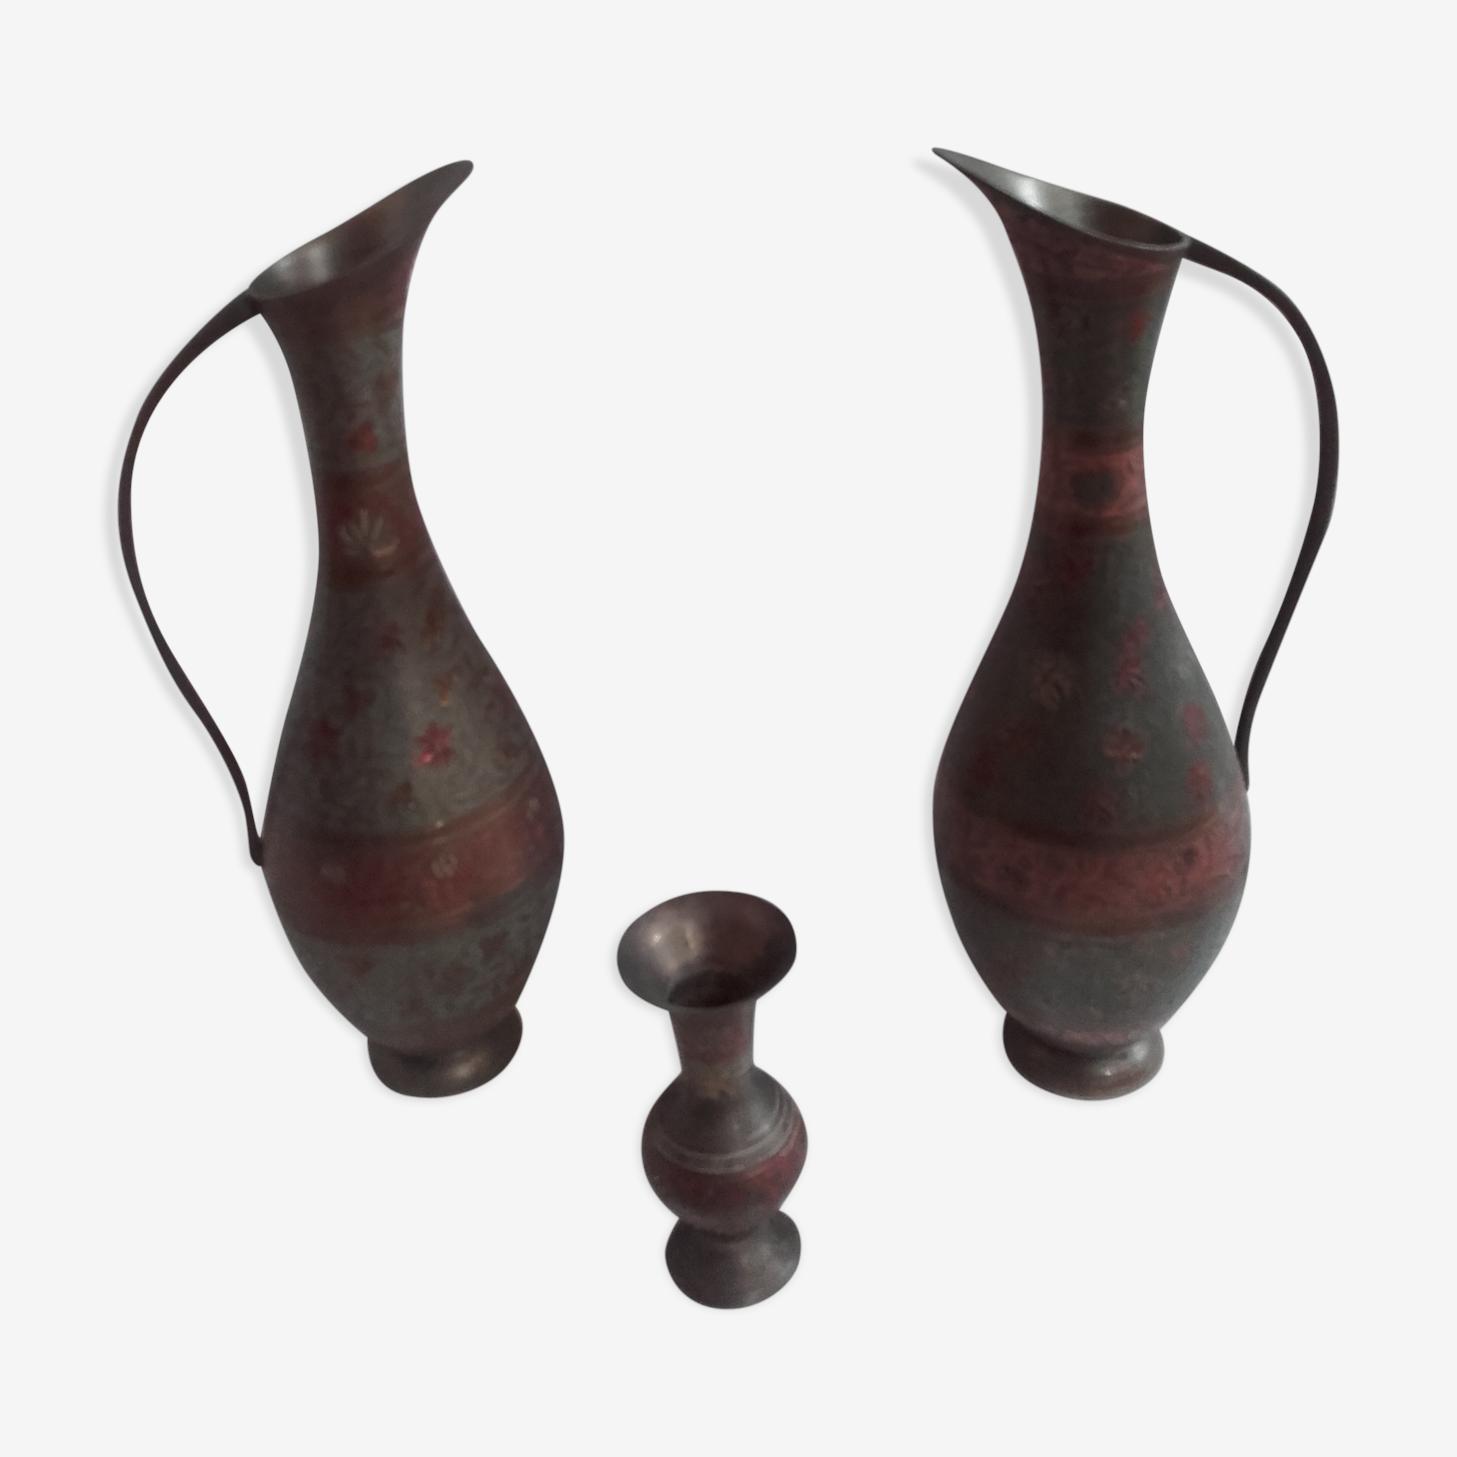 Lot de 3 vases India